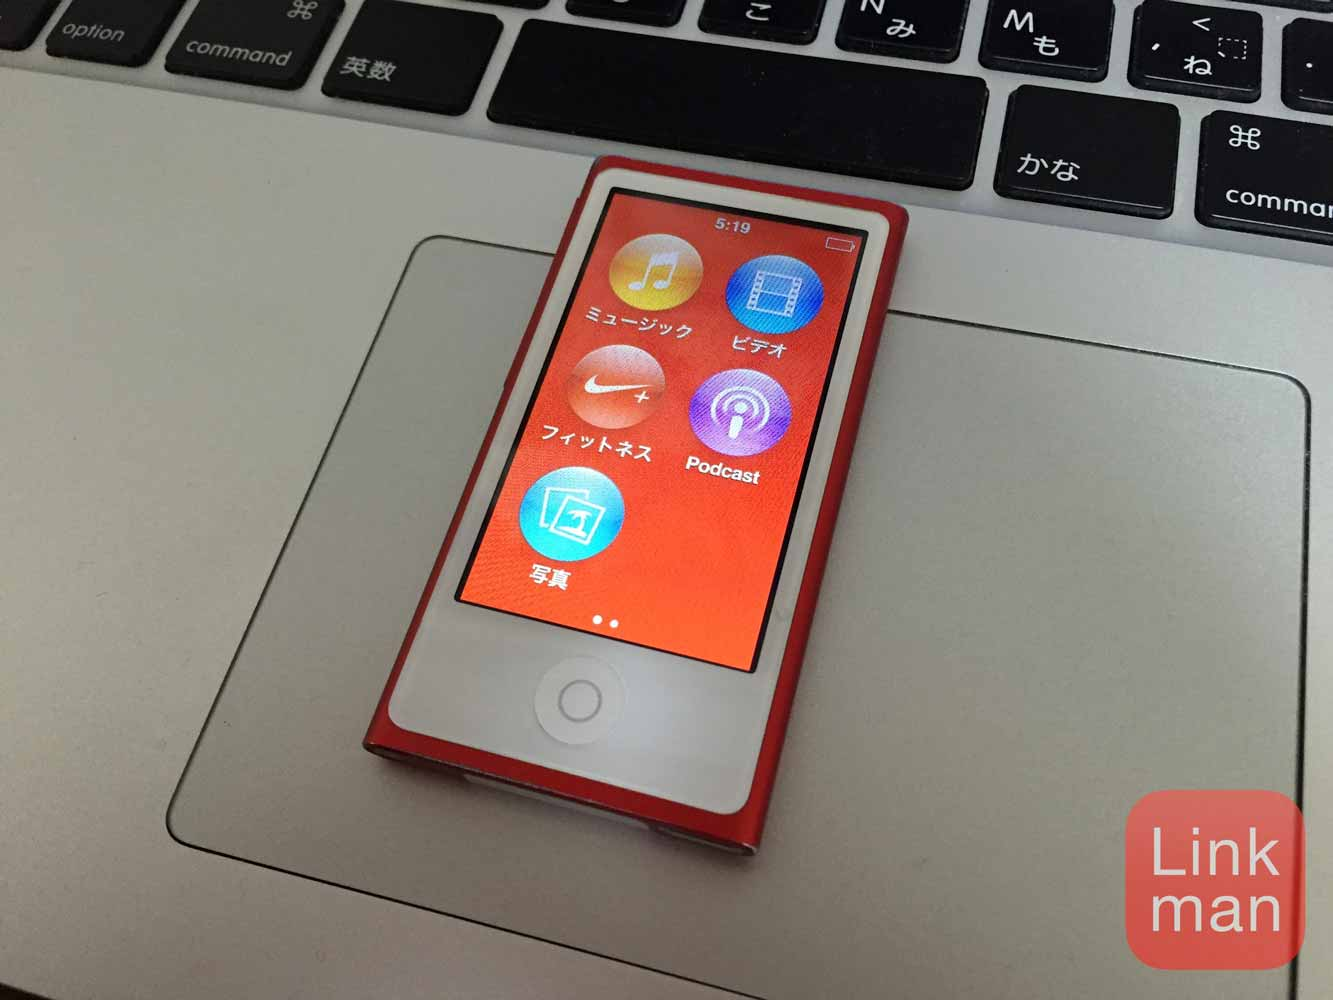 Apple、「iPod nano(第7世代)」向けに「iPod ソフトウェア・アップデート 1.0.4」リリース